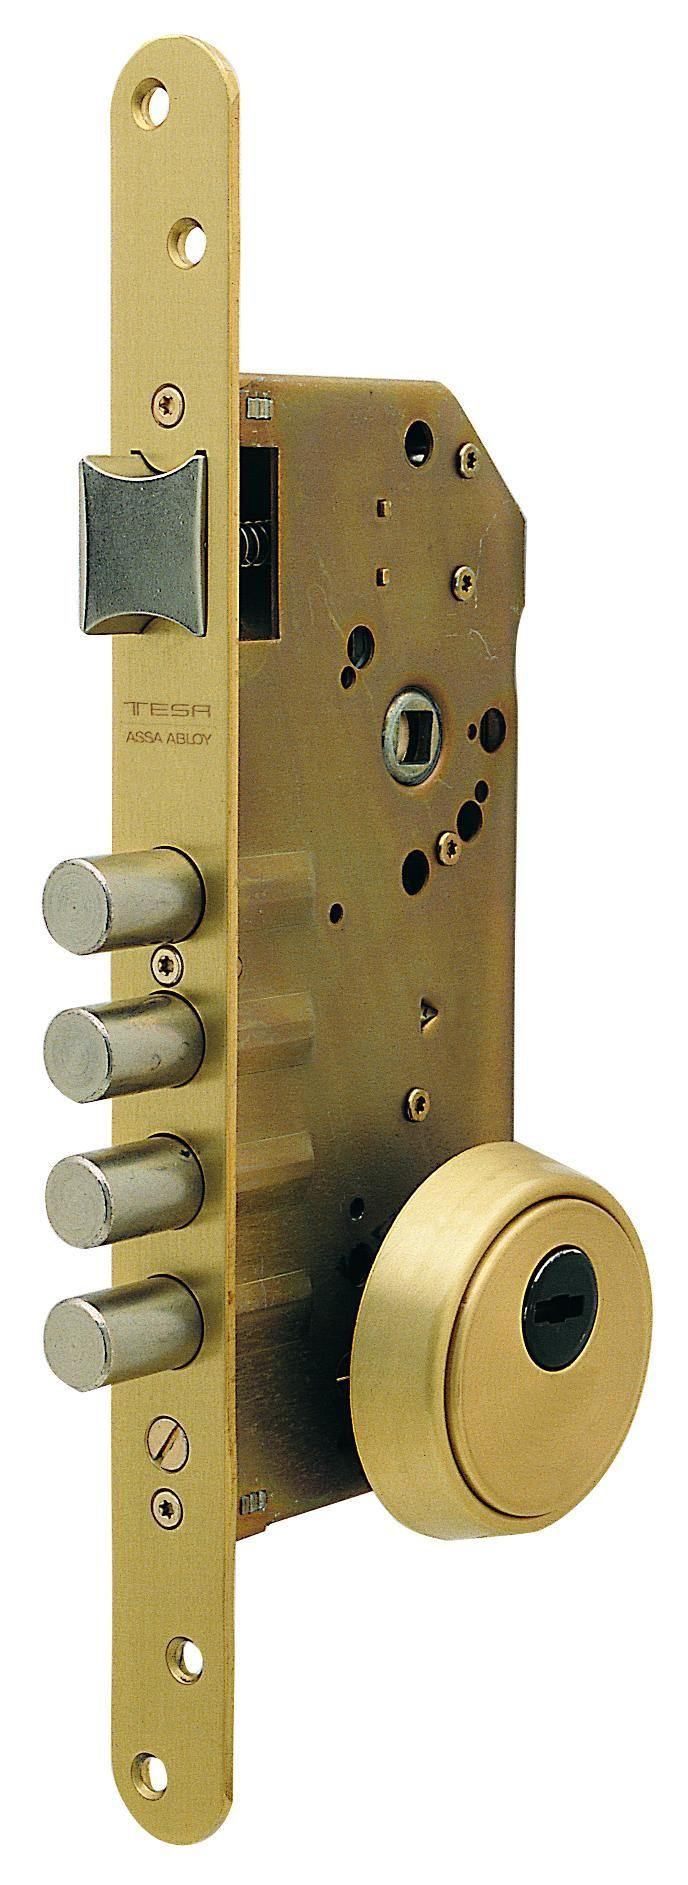 Cerradura Seguridad 1P 50mm #cerradurasseguridad #cerradurapuerta